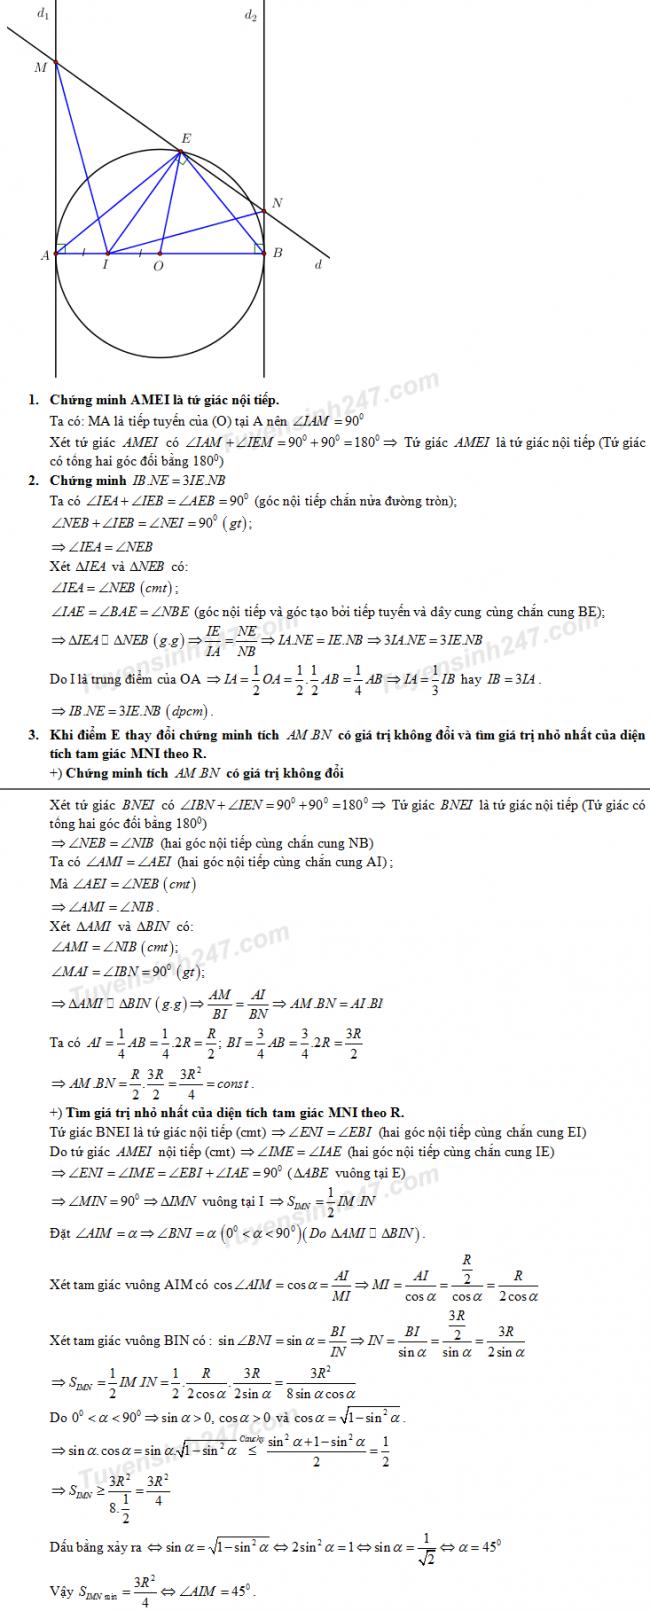 Đáp án câu 4 đề thi toán vào lớp 10 tỉnh Thanh Hóa năm 2018